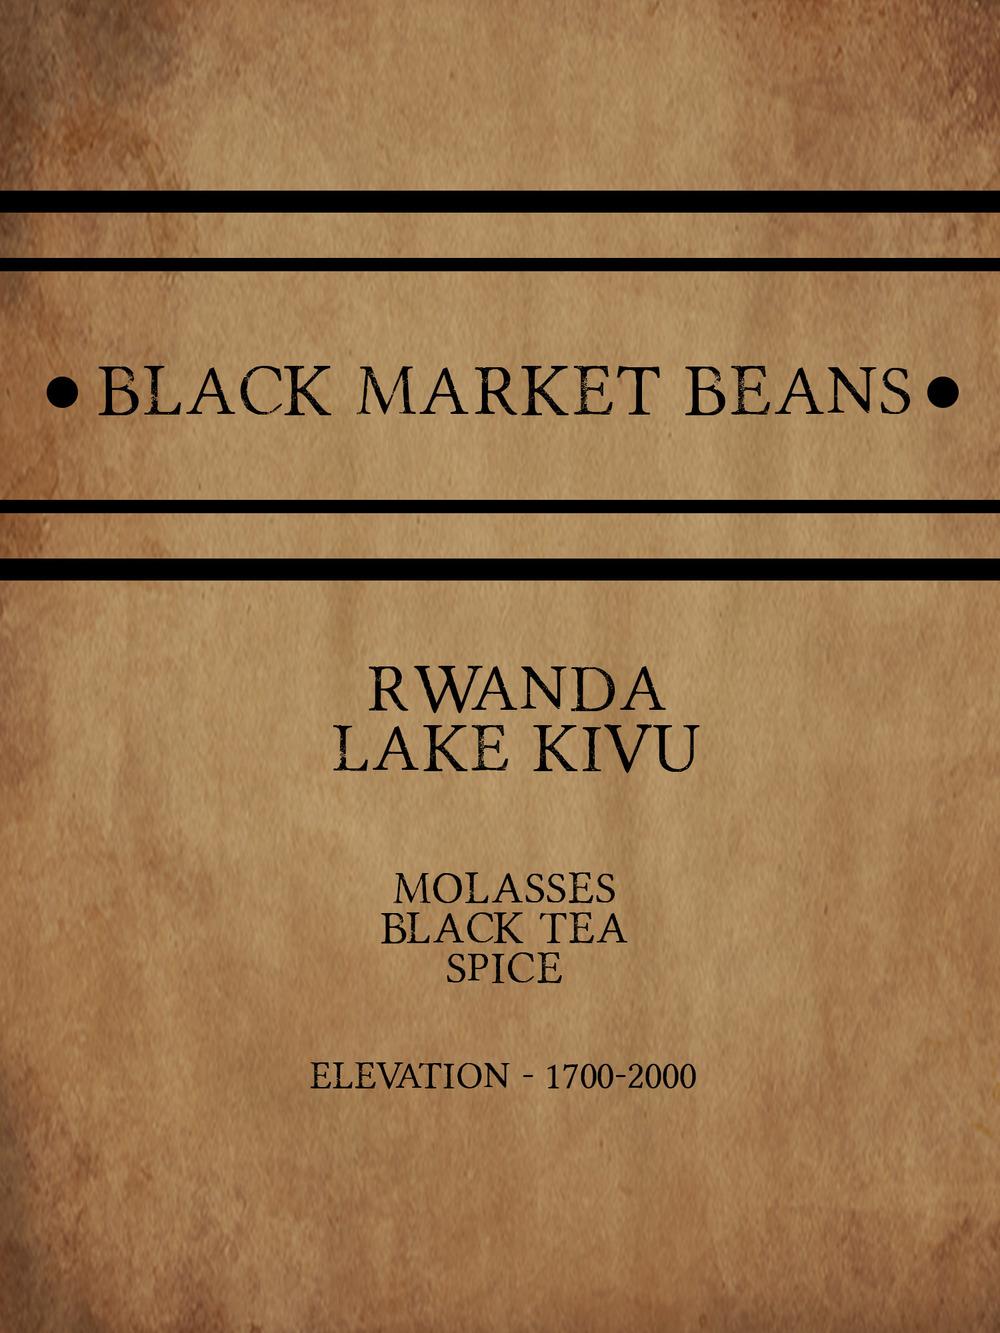 coffee_Rwanda_Lake_Kivu.jpg